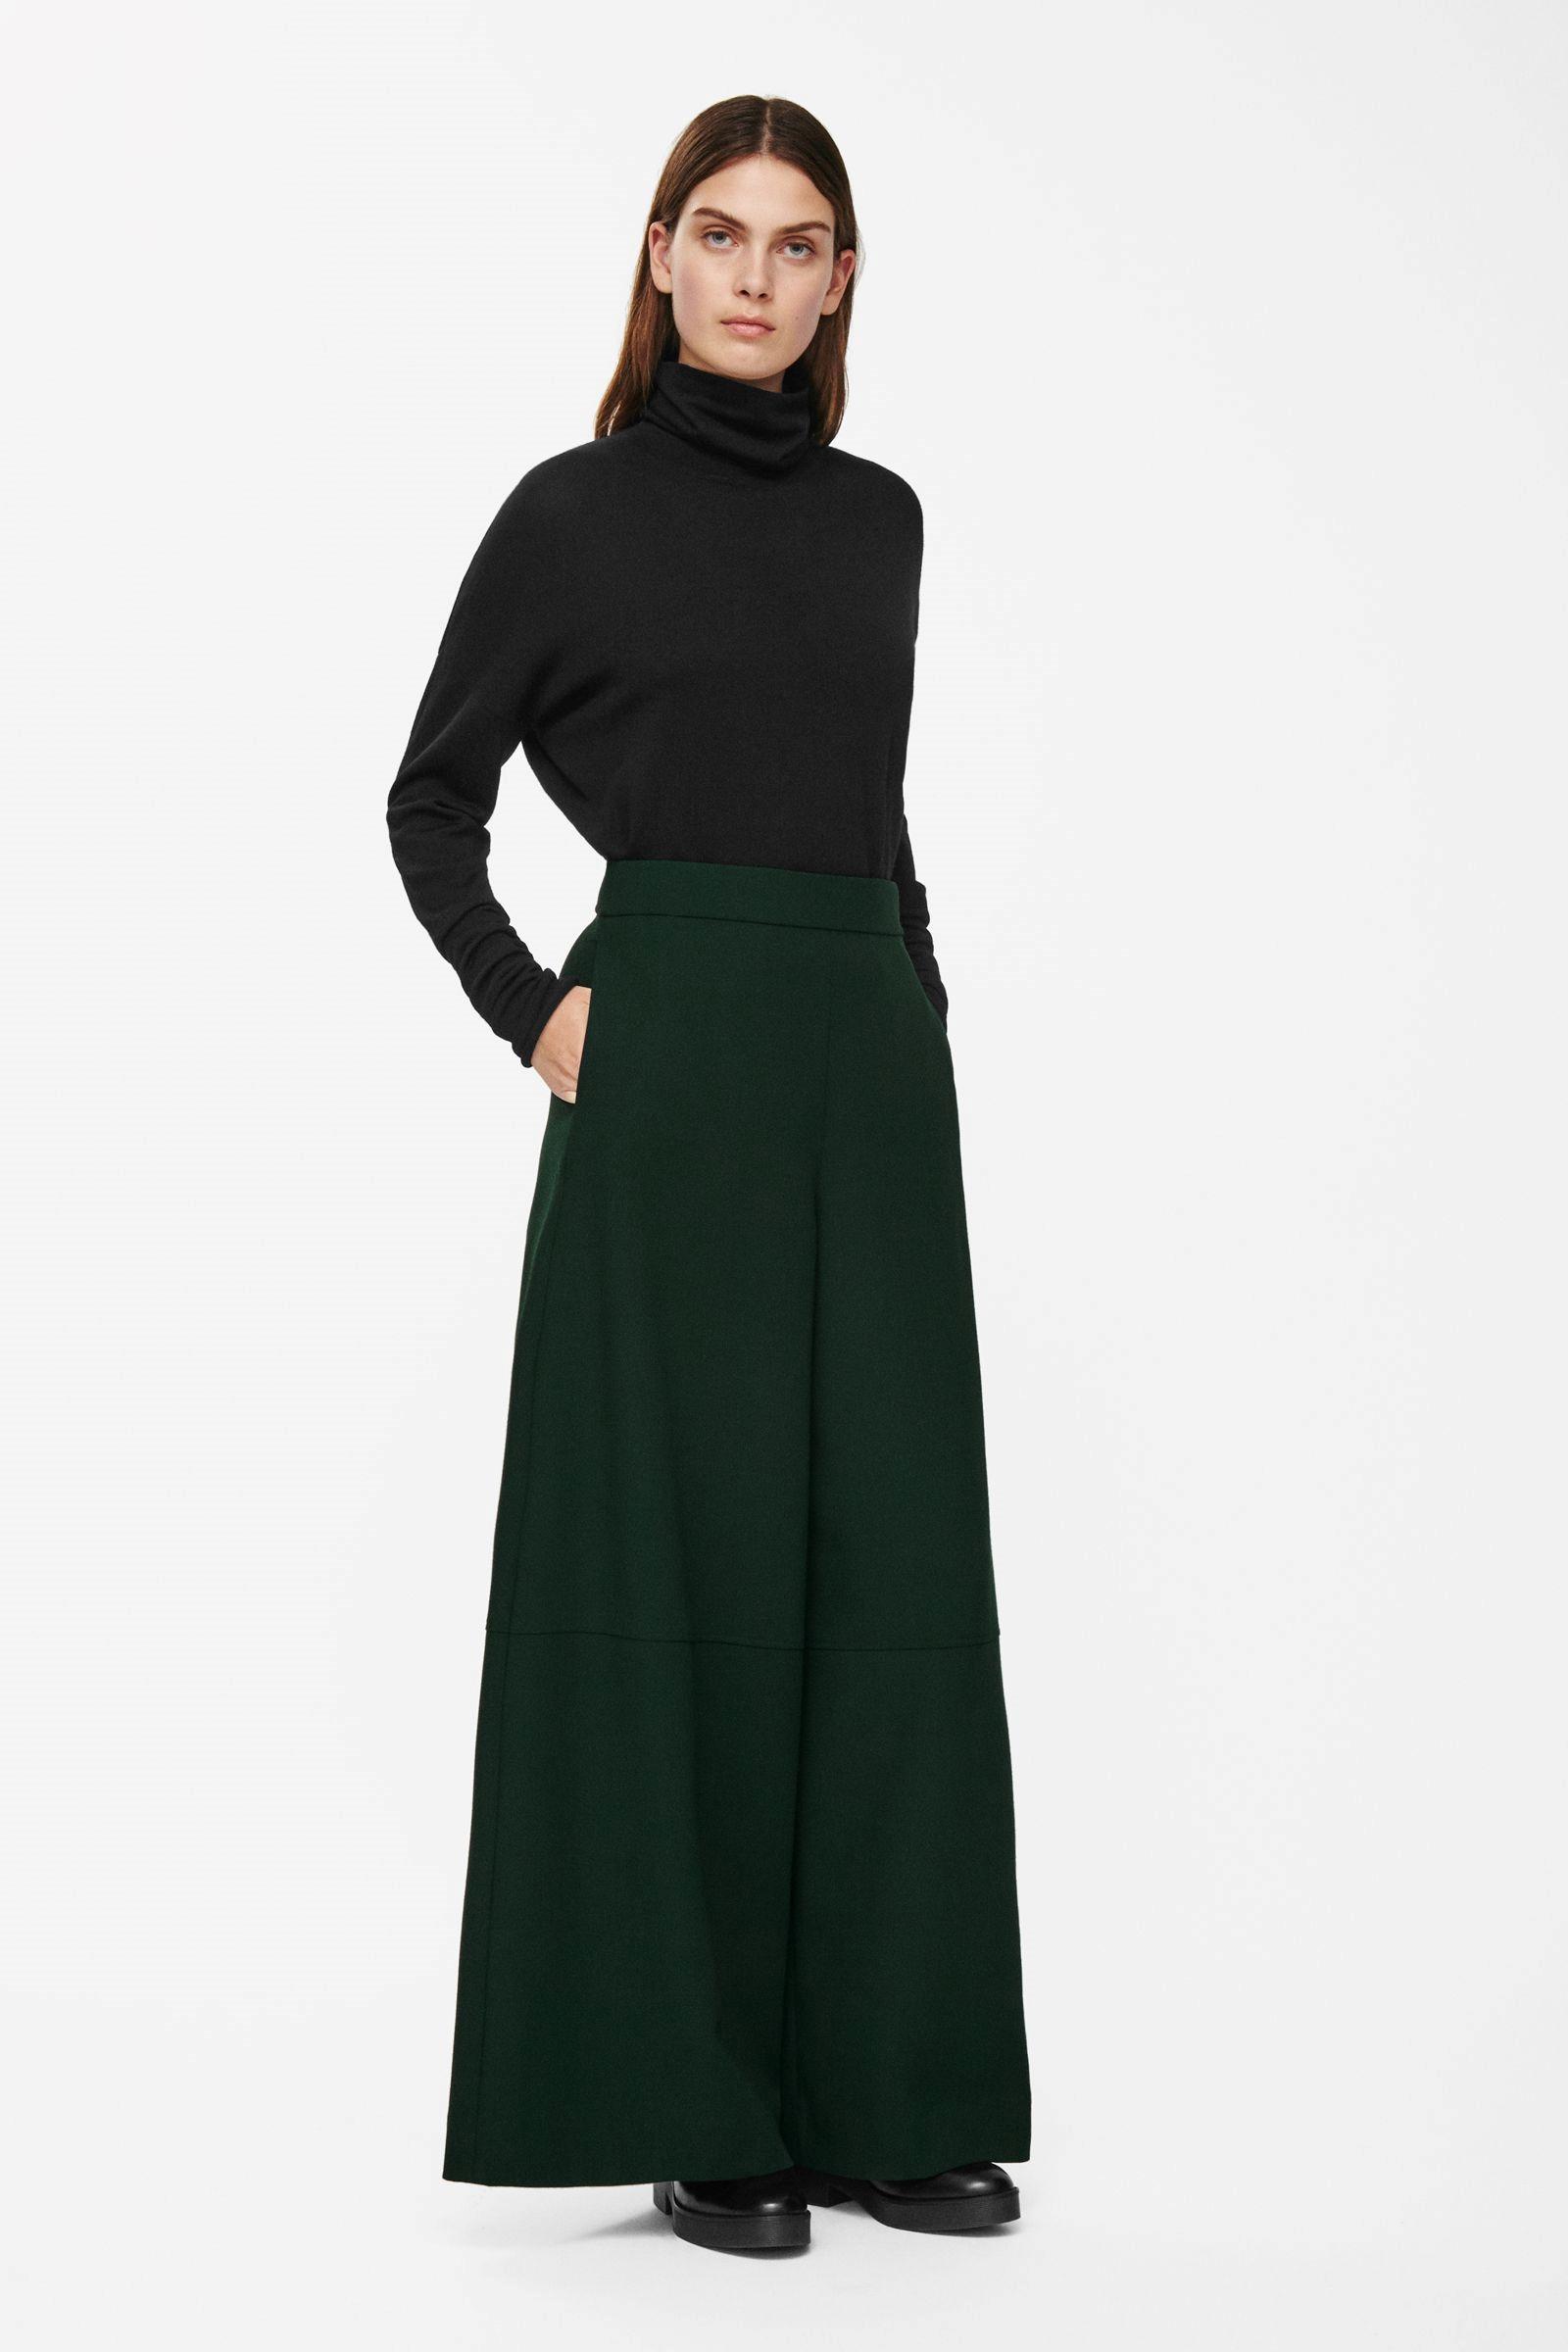 COS - pantalon ligne A